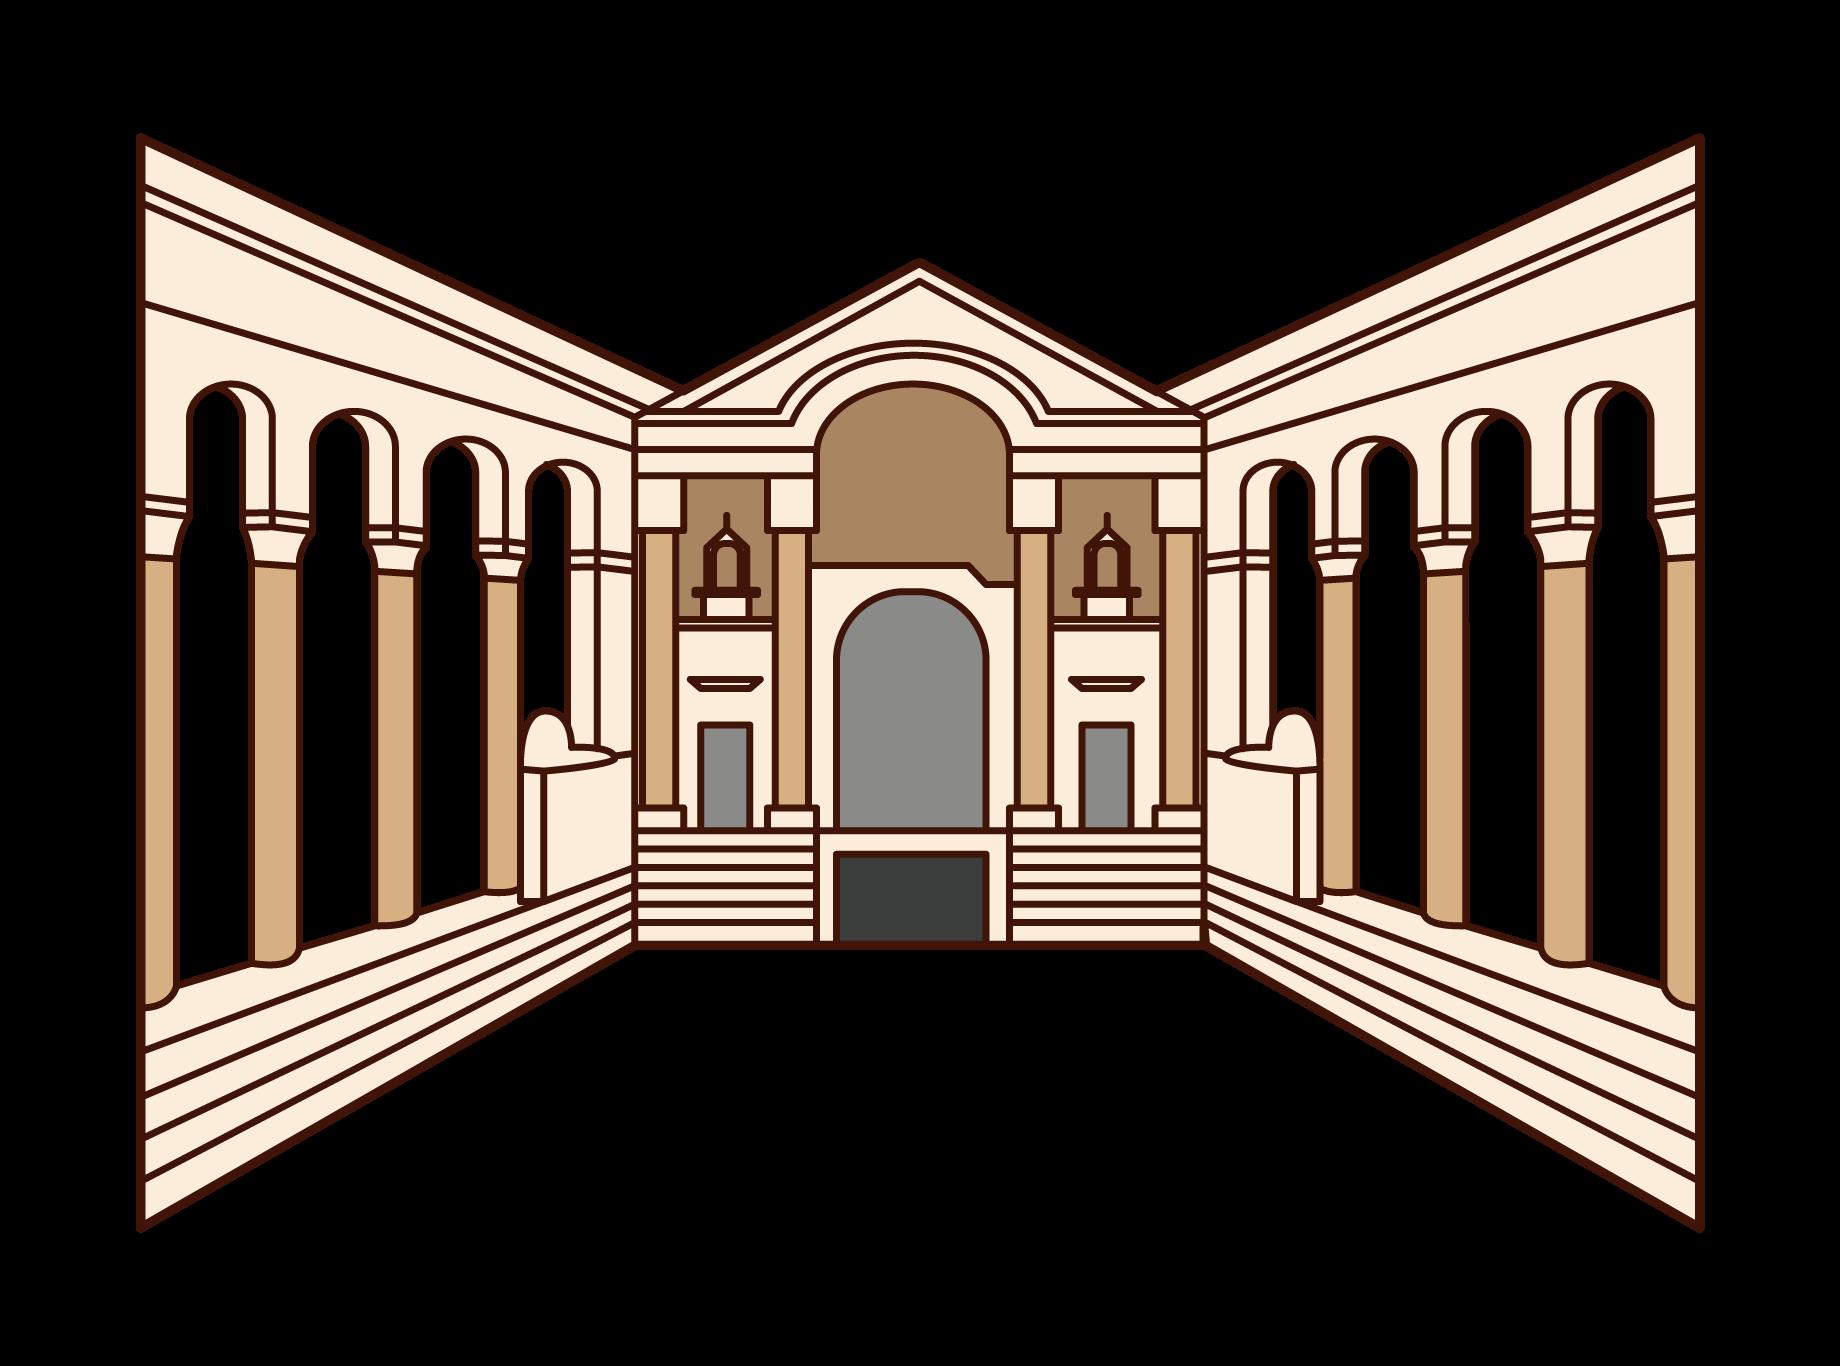 ディオクレティアヌス宮殿のイラスト